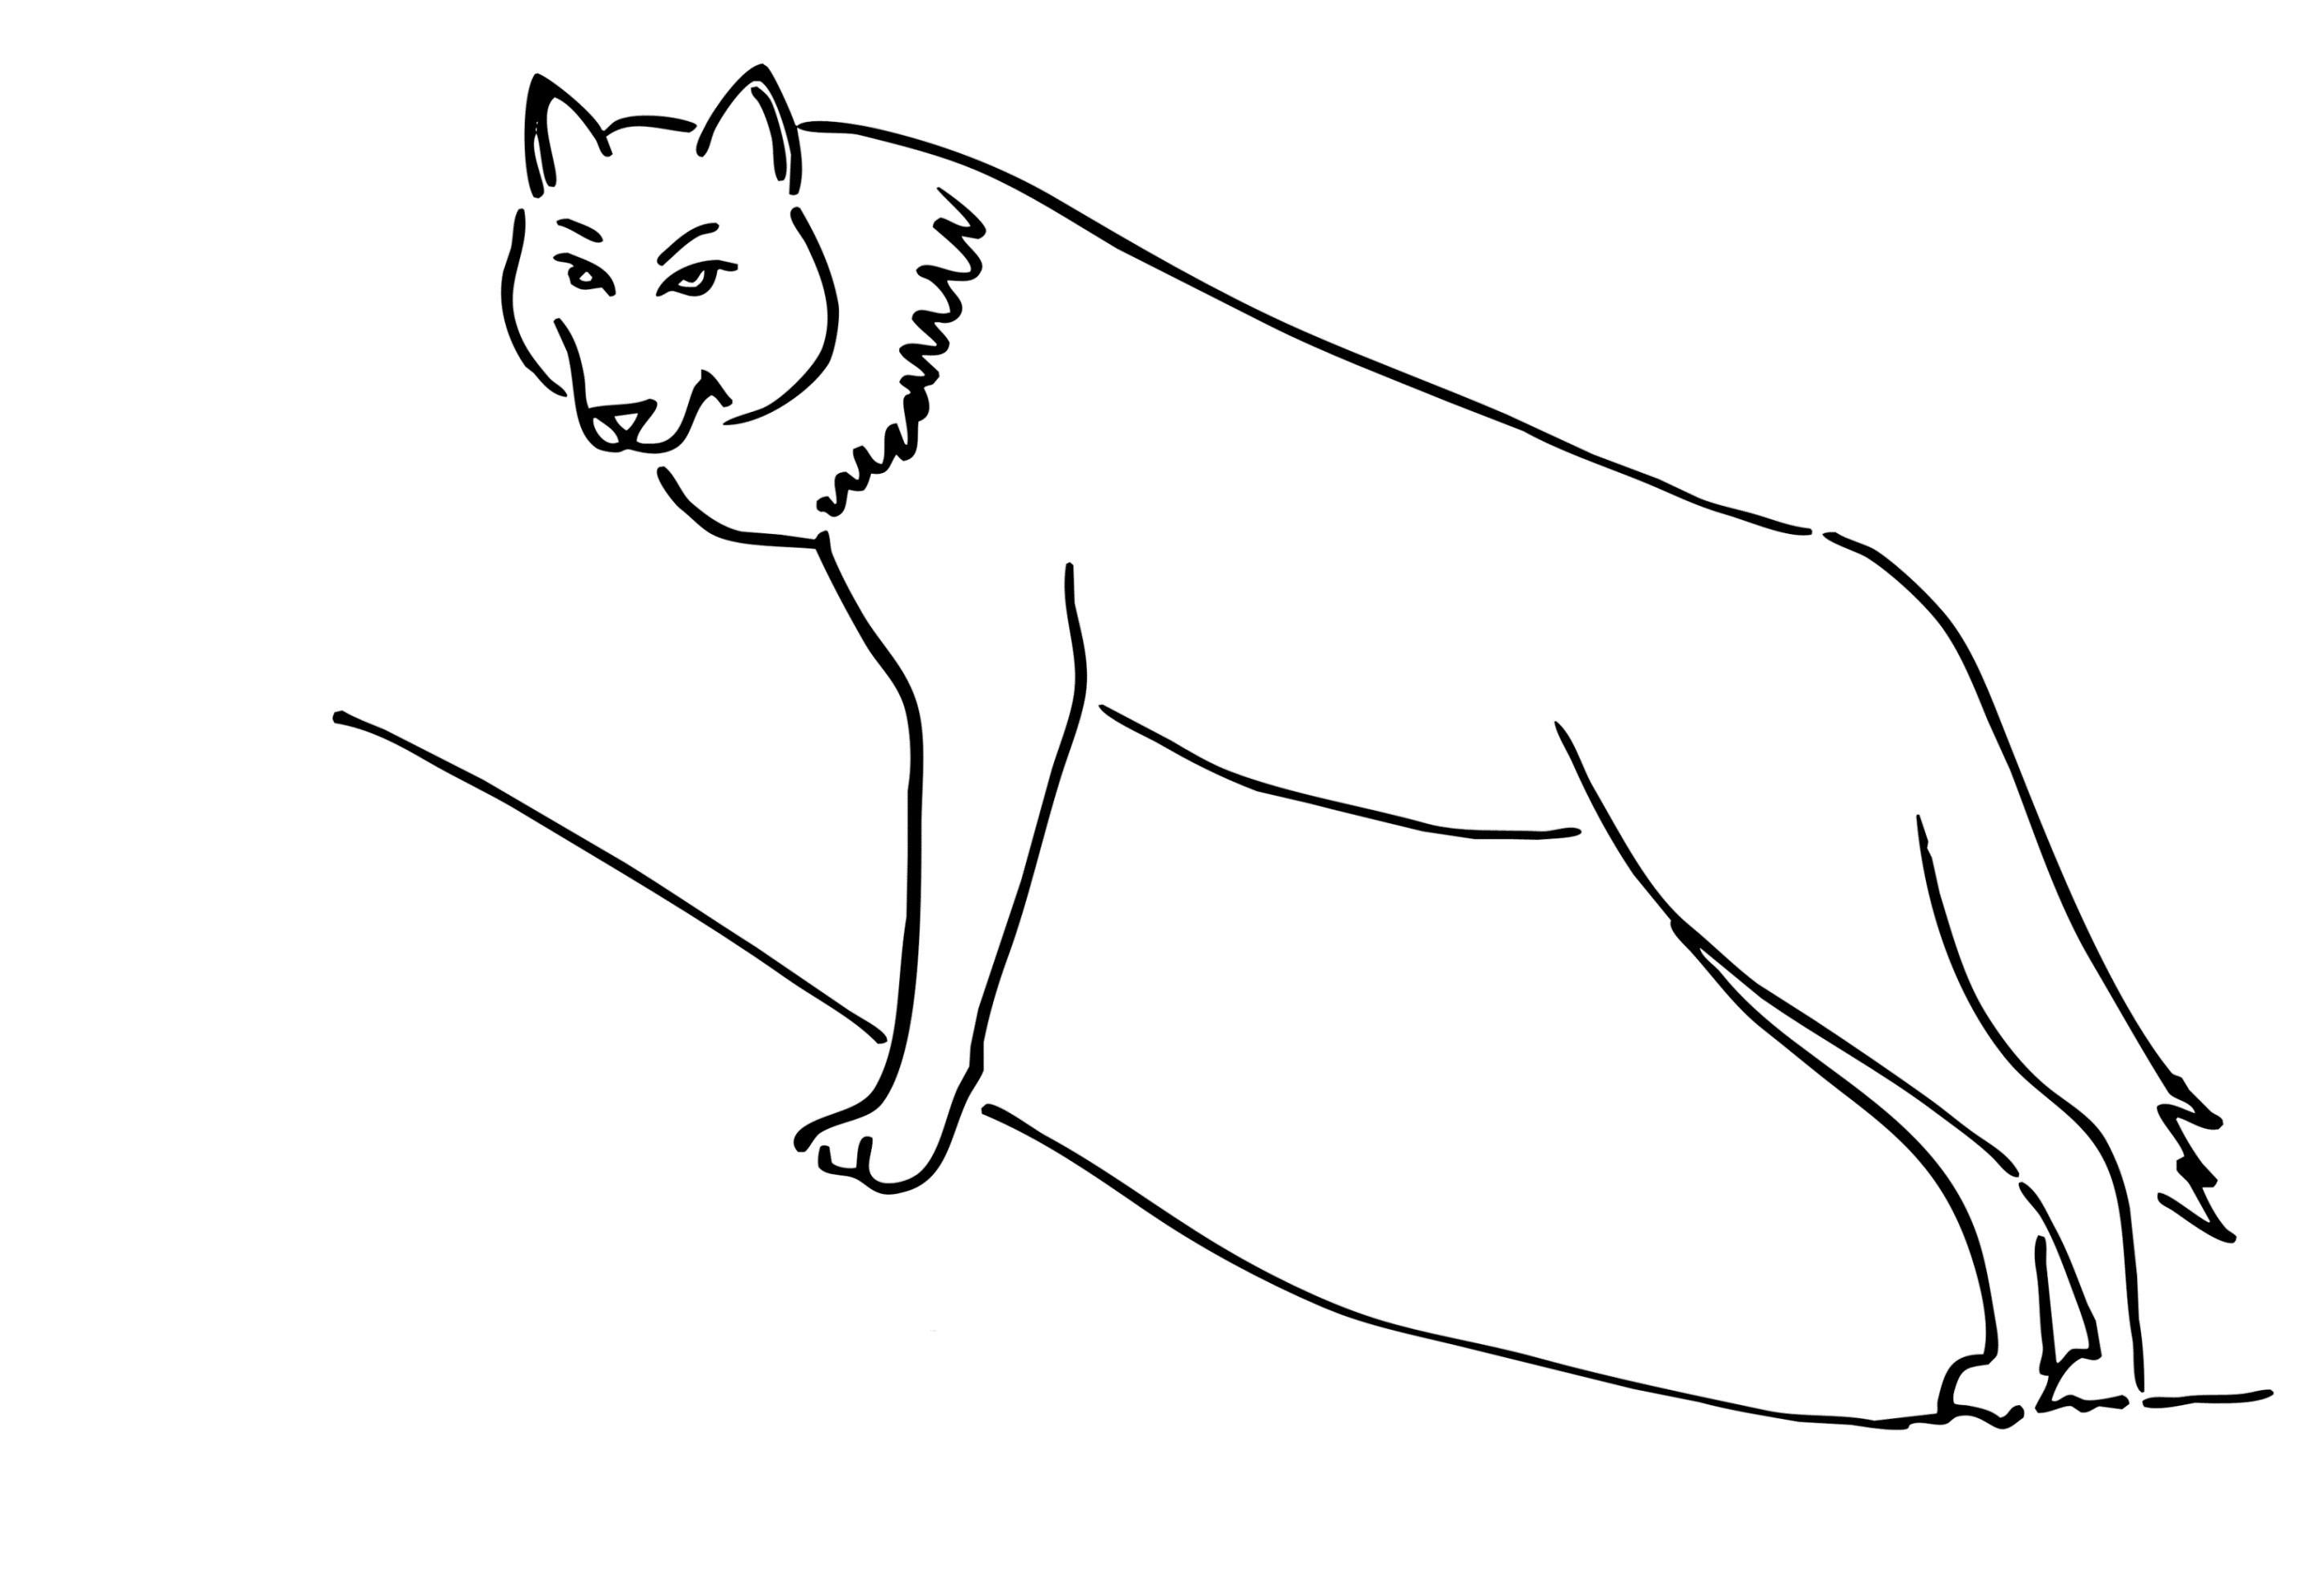 Wolf Bilder Zum Ausmalen Neu Wolf Malvorlagen Schön Malvorlagen Fur Kinder Ausmalbilder Wolf Das Bild